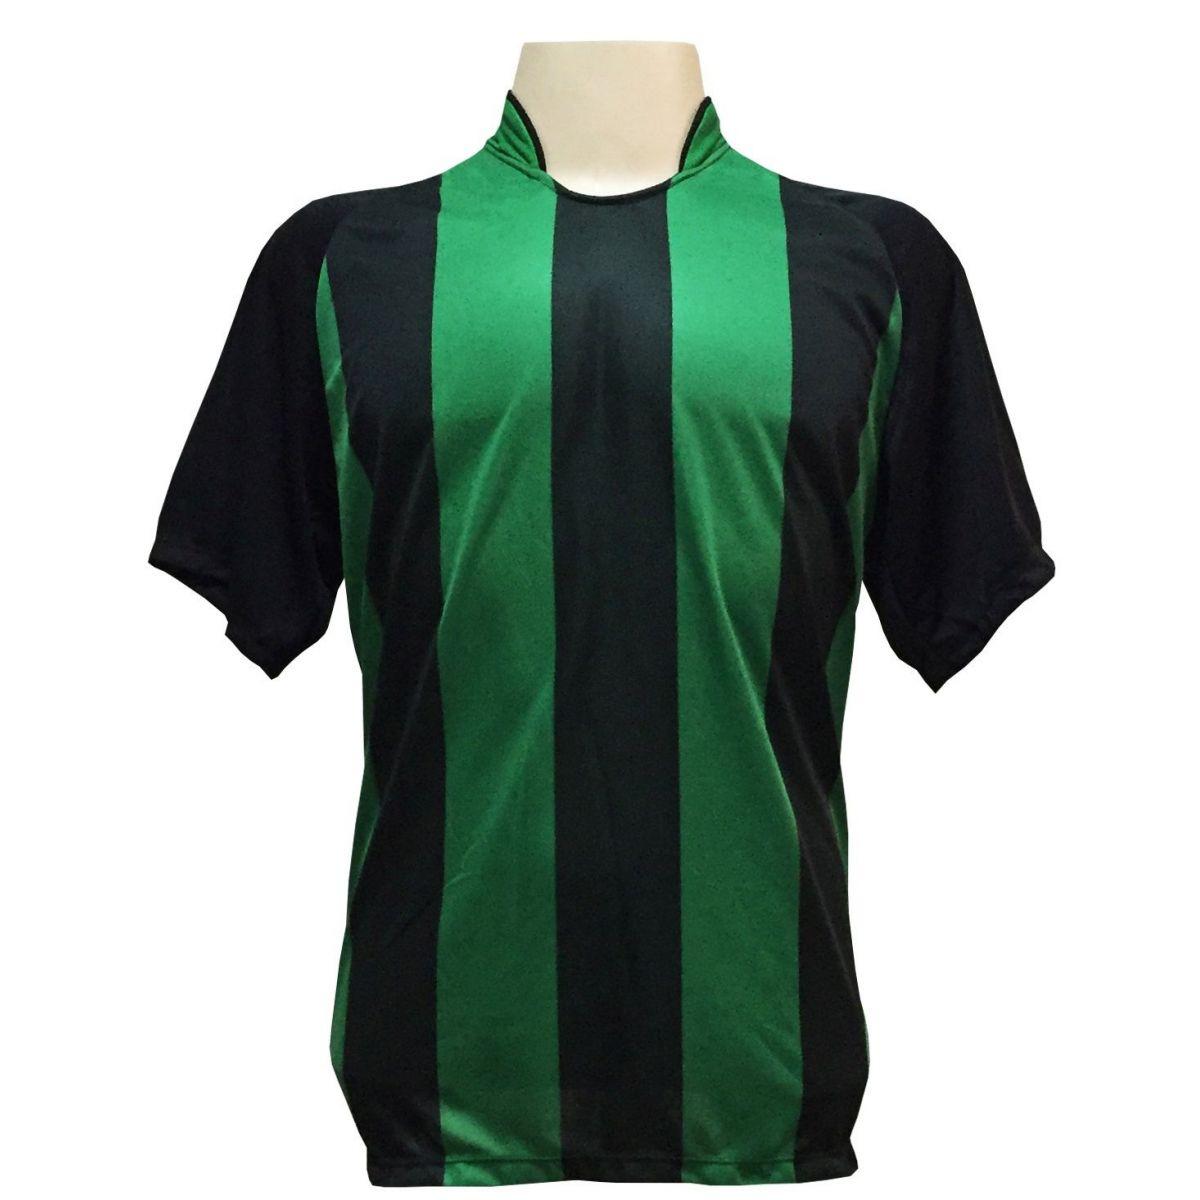 Uniforme Esportivo com 12 Camisas modelo Milan Preto/Verde + 12 Calções modelo Madrid Verde + 12 Pares de meiões Preto